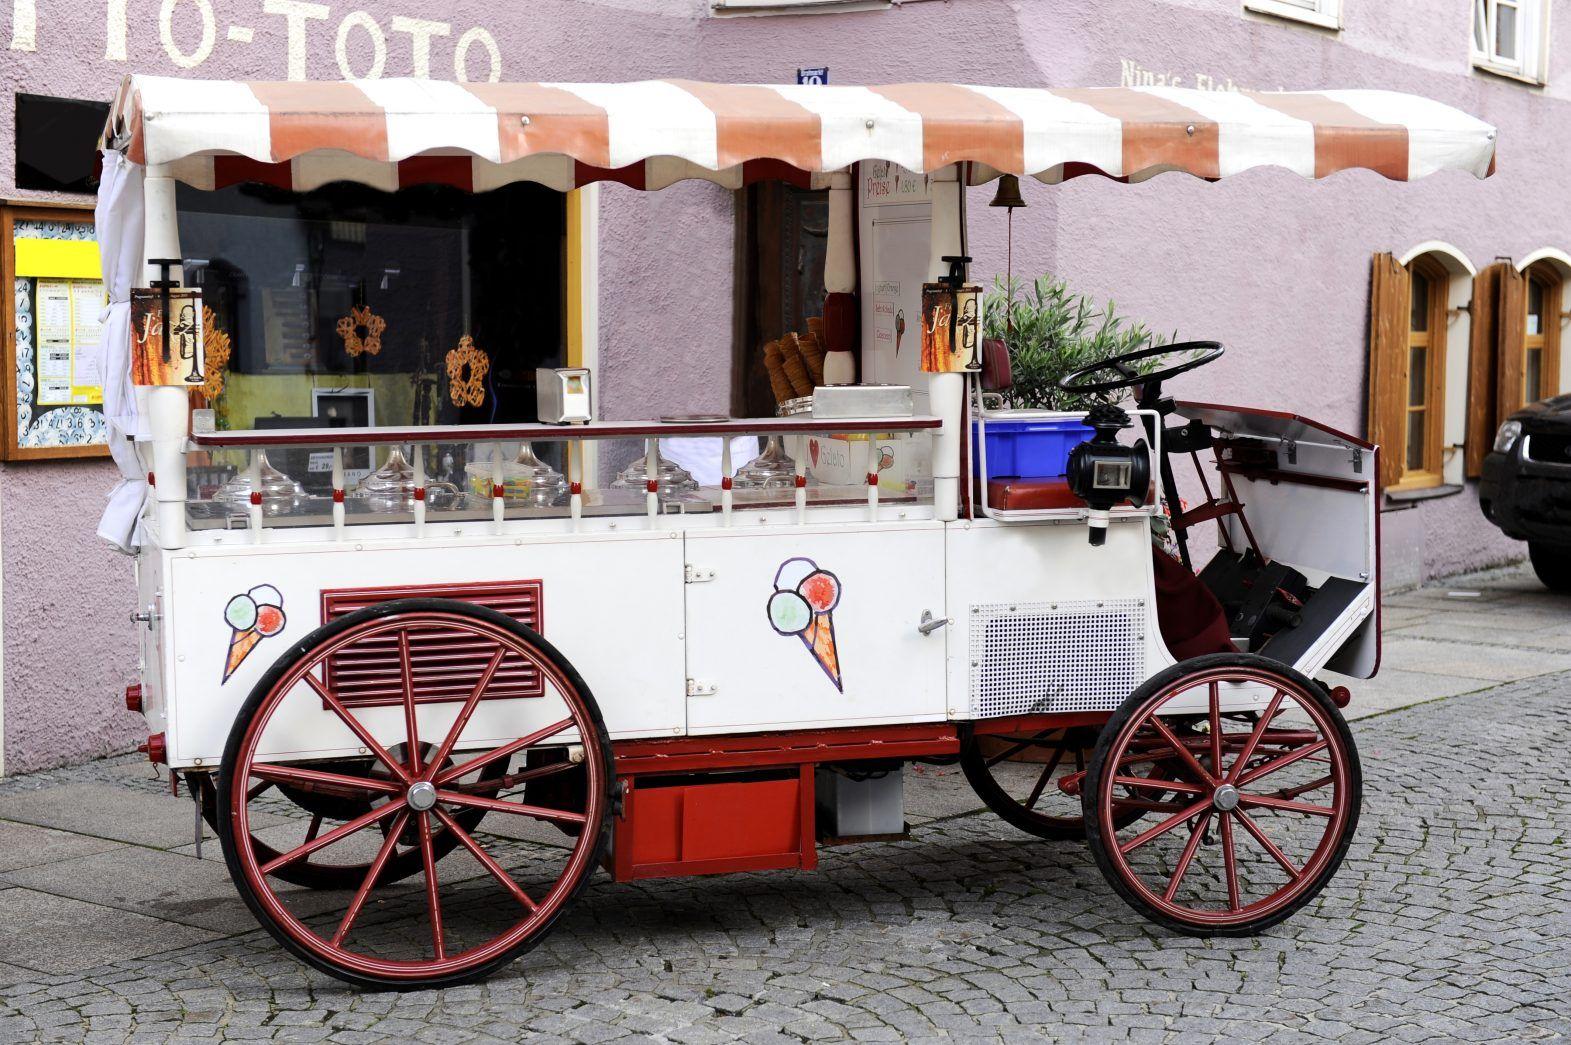 Glassprovning & gelato catering i Stockholm | Gelateria Amore